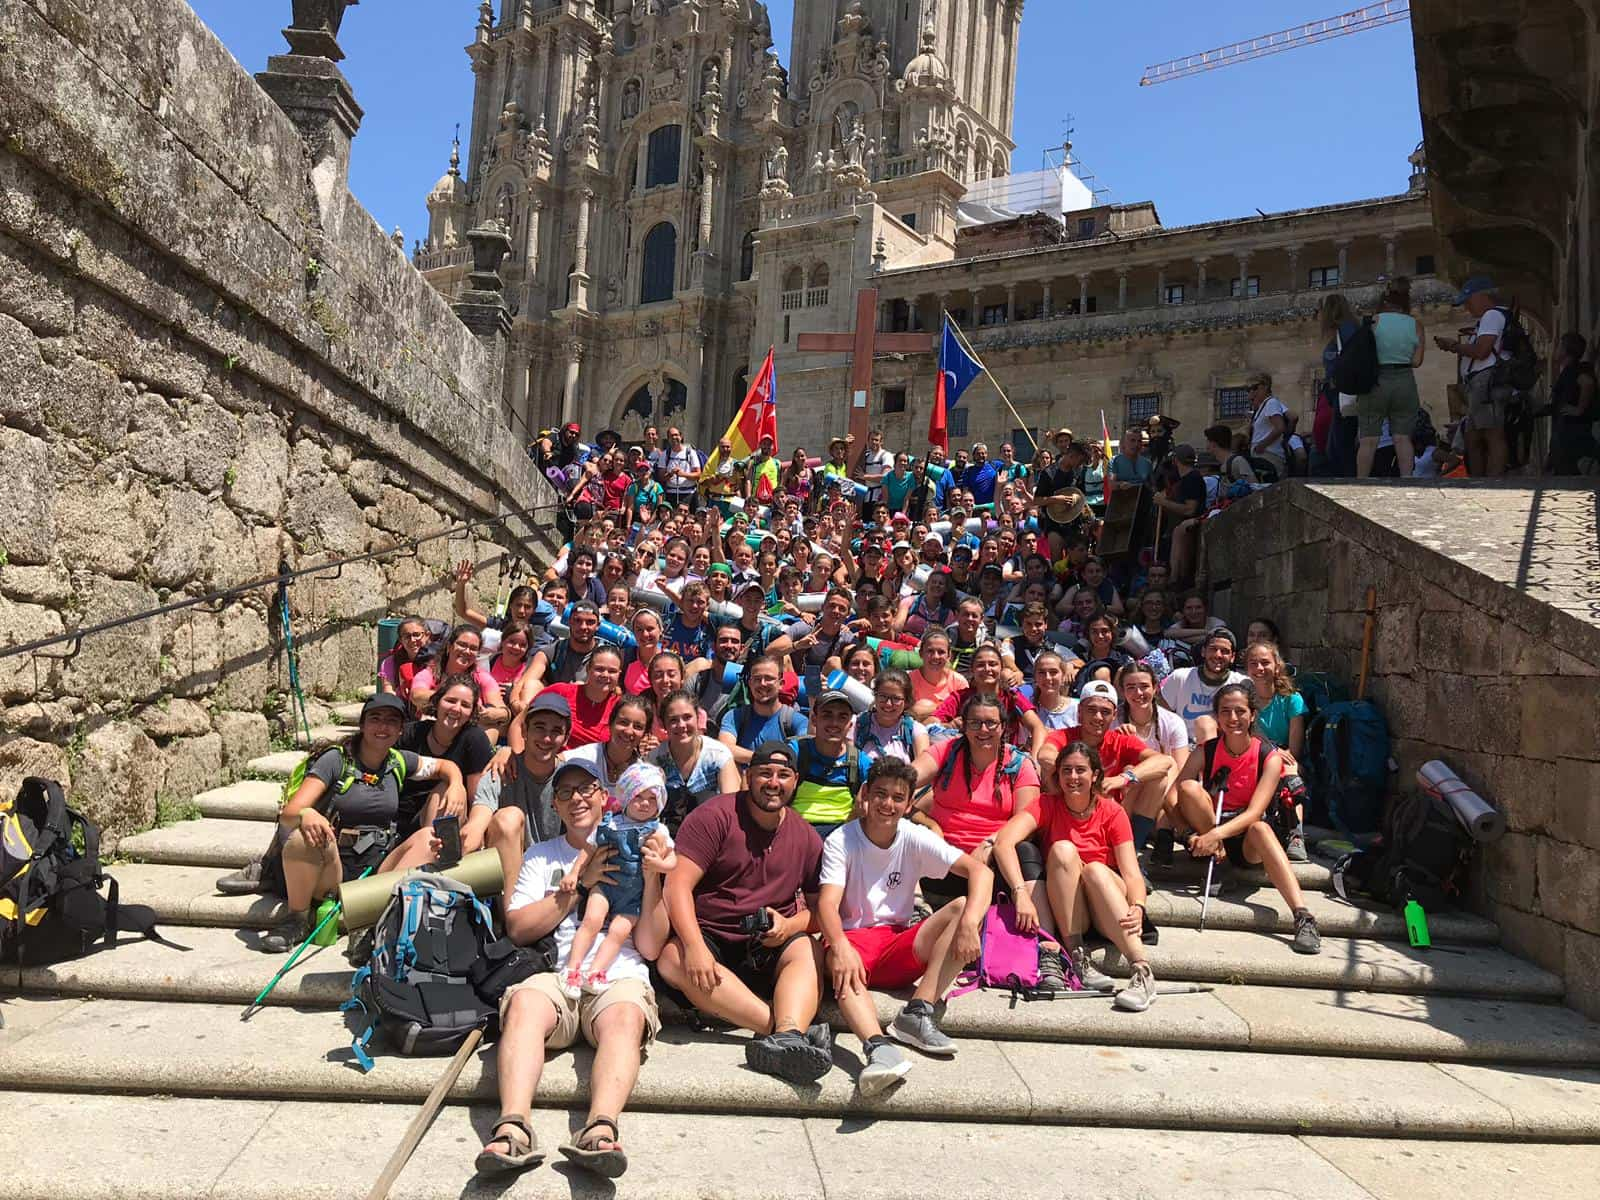 32 jóvenes de la parroquia de Herencia realizan el Camino de Santiago 5